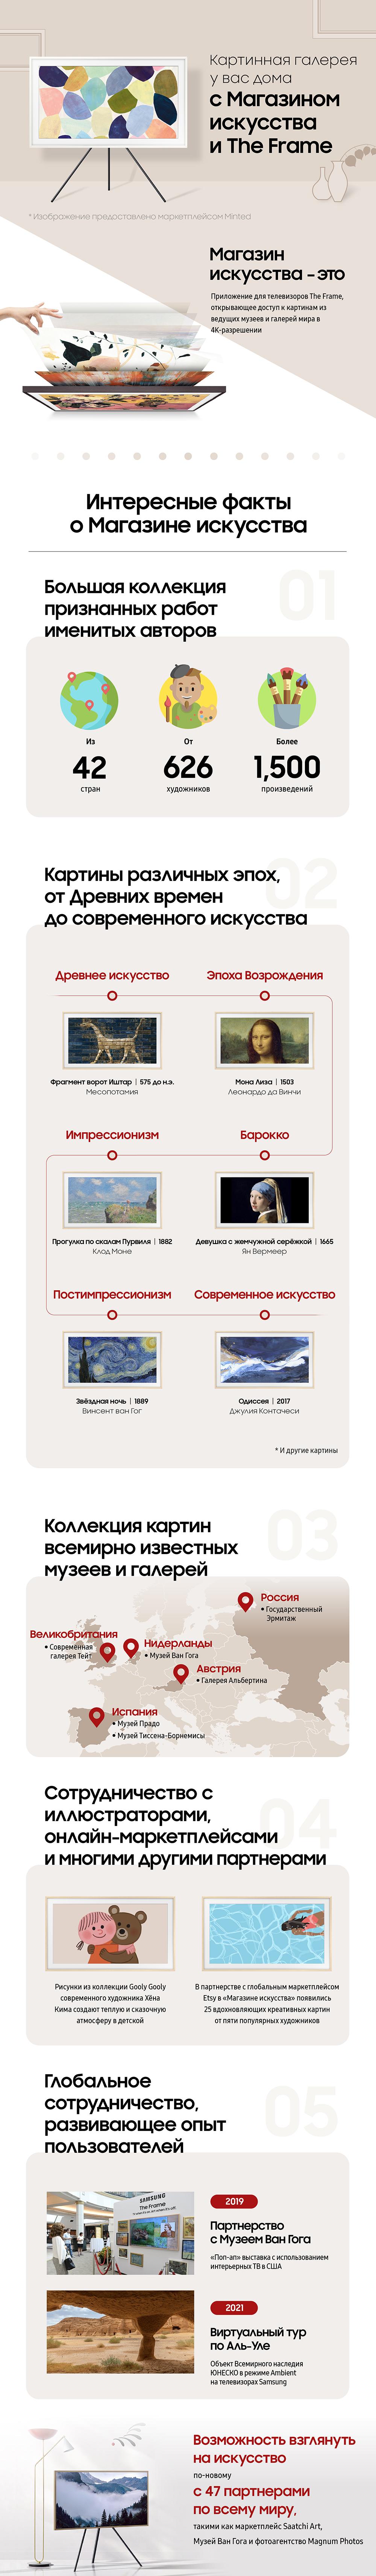 [Инфографика] 5 фактов о «Магазине искусства» The Frame